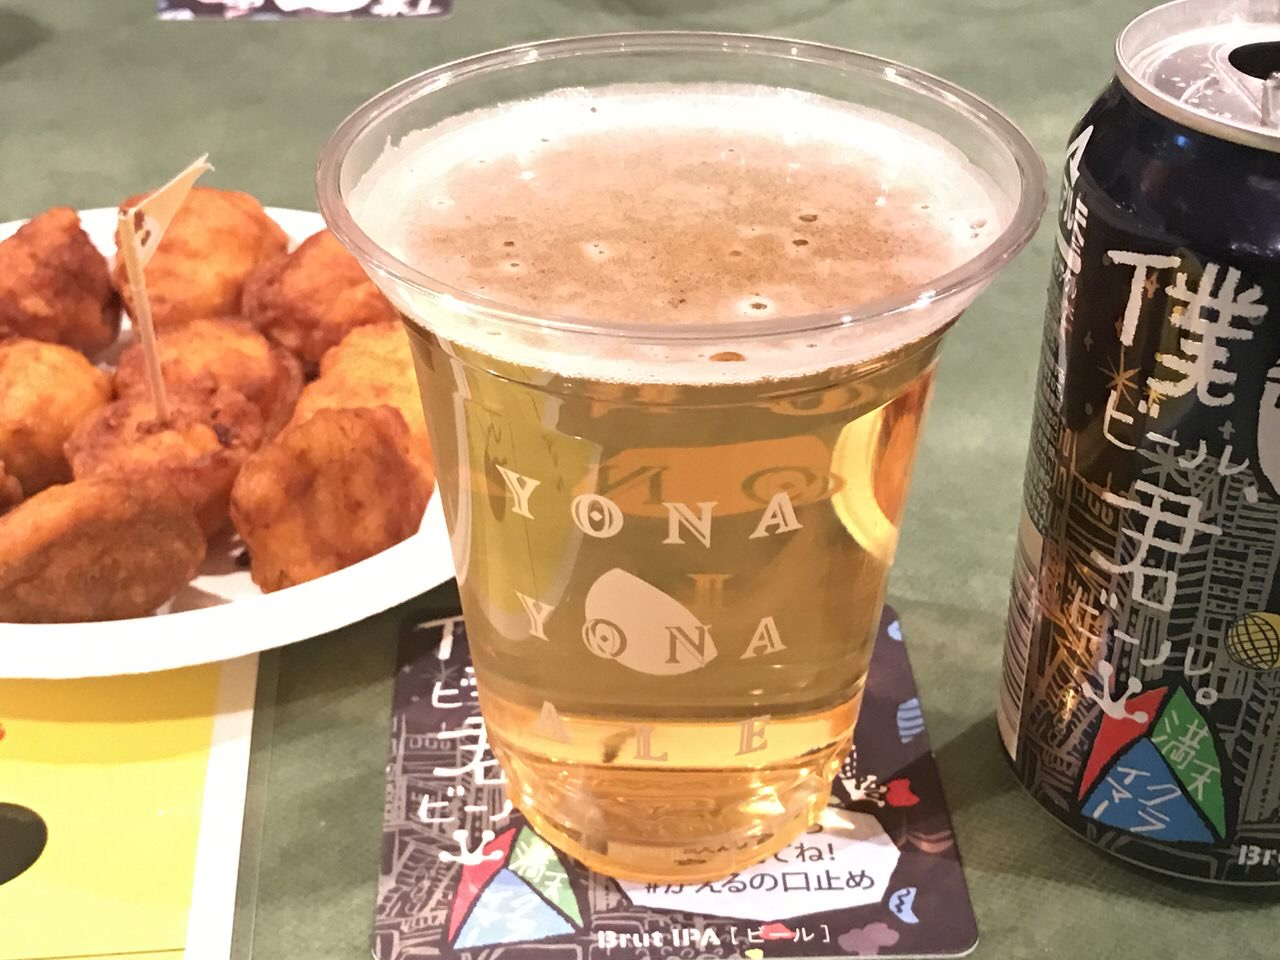 「からあげクン」が33歳の誕生日を迎える!「僕ビール、君ビール。満天クライマー」が呑めるイベントも開催